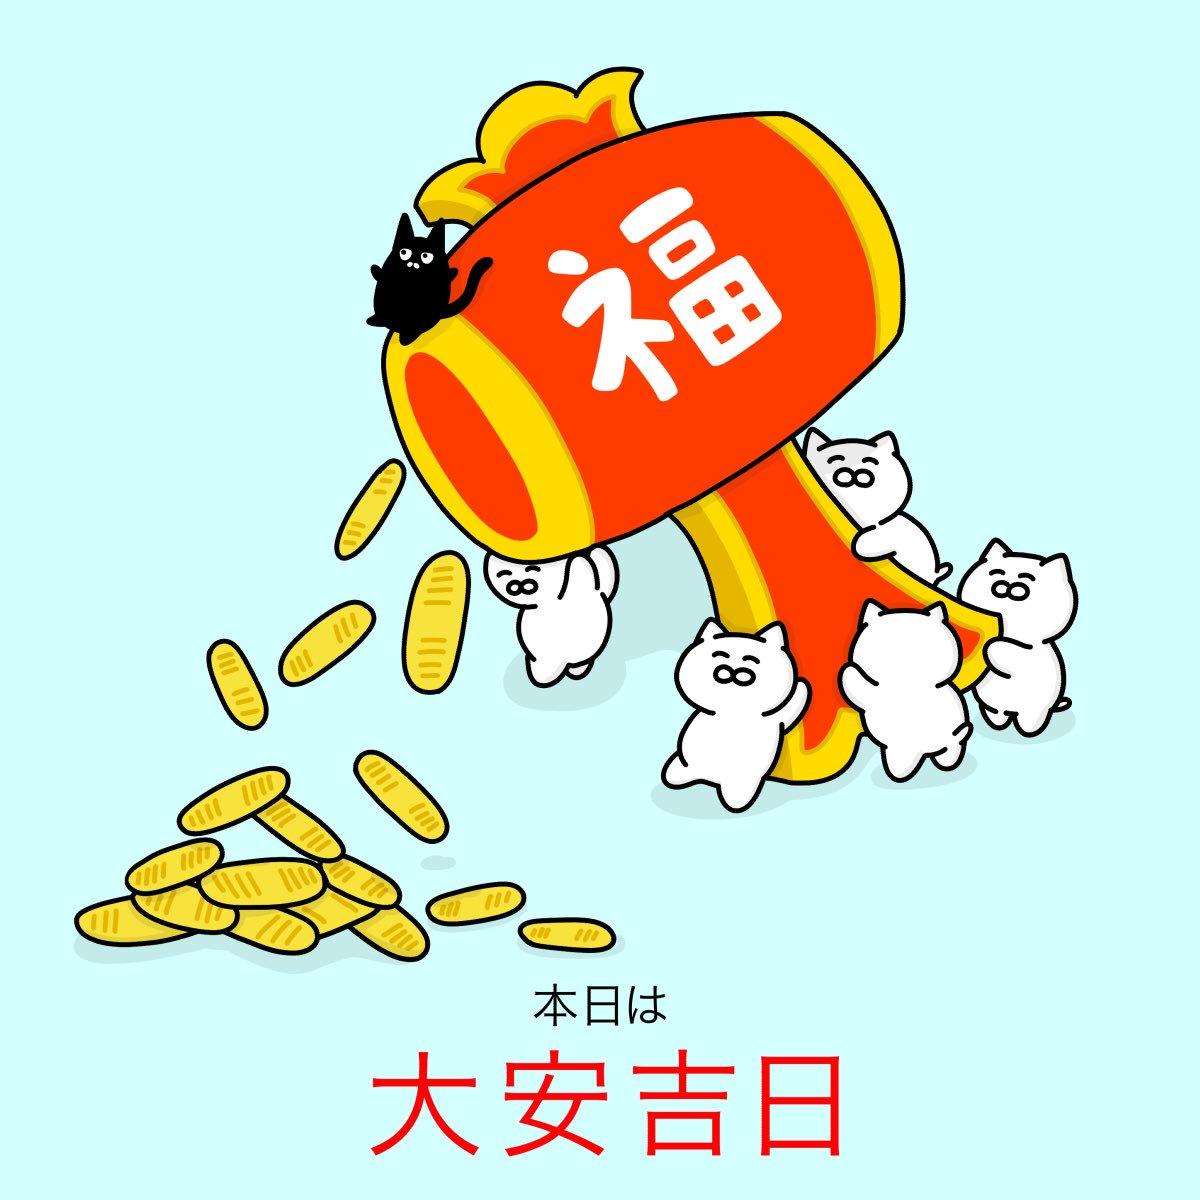 大 安吉 日 安吉 - 知乎 - Zhihu